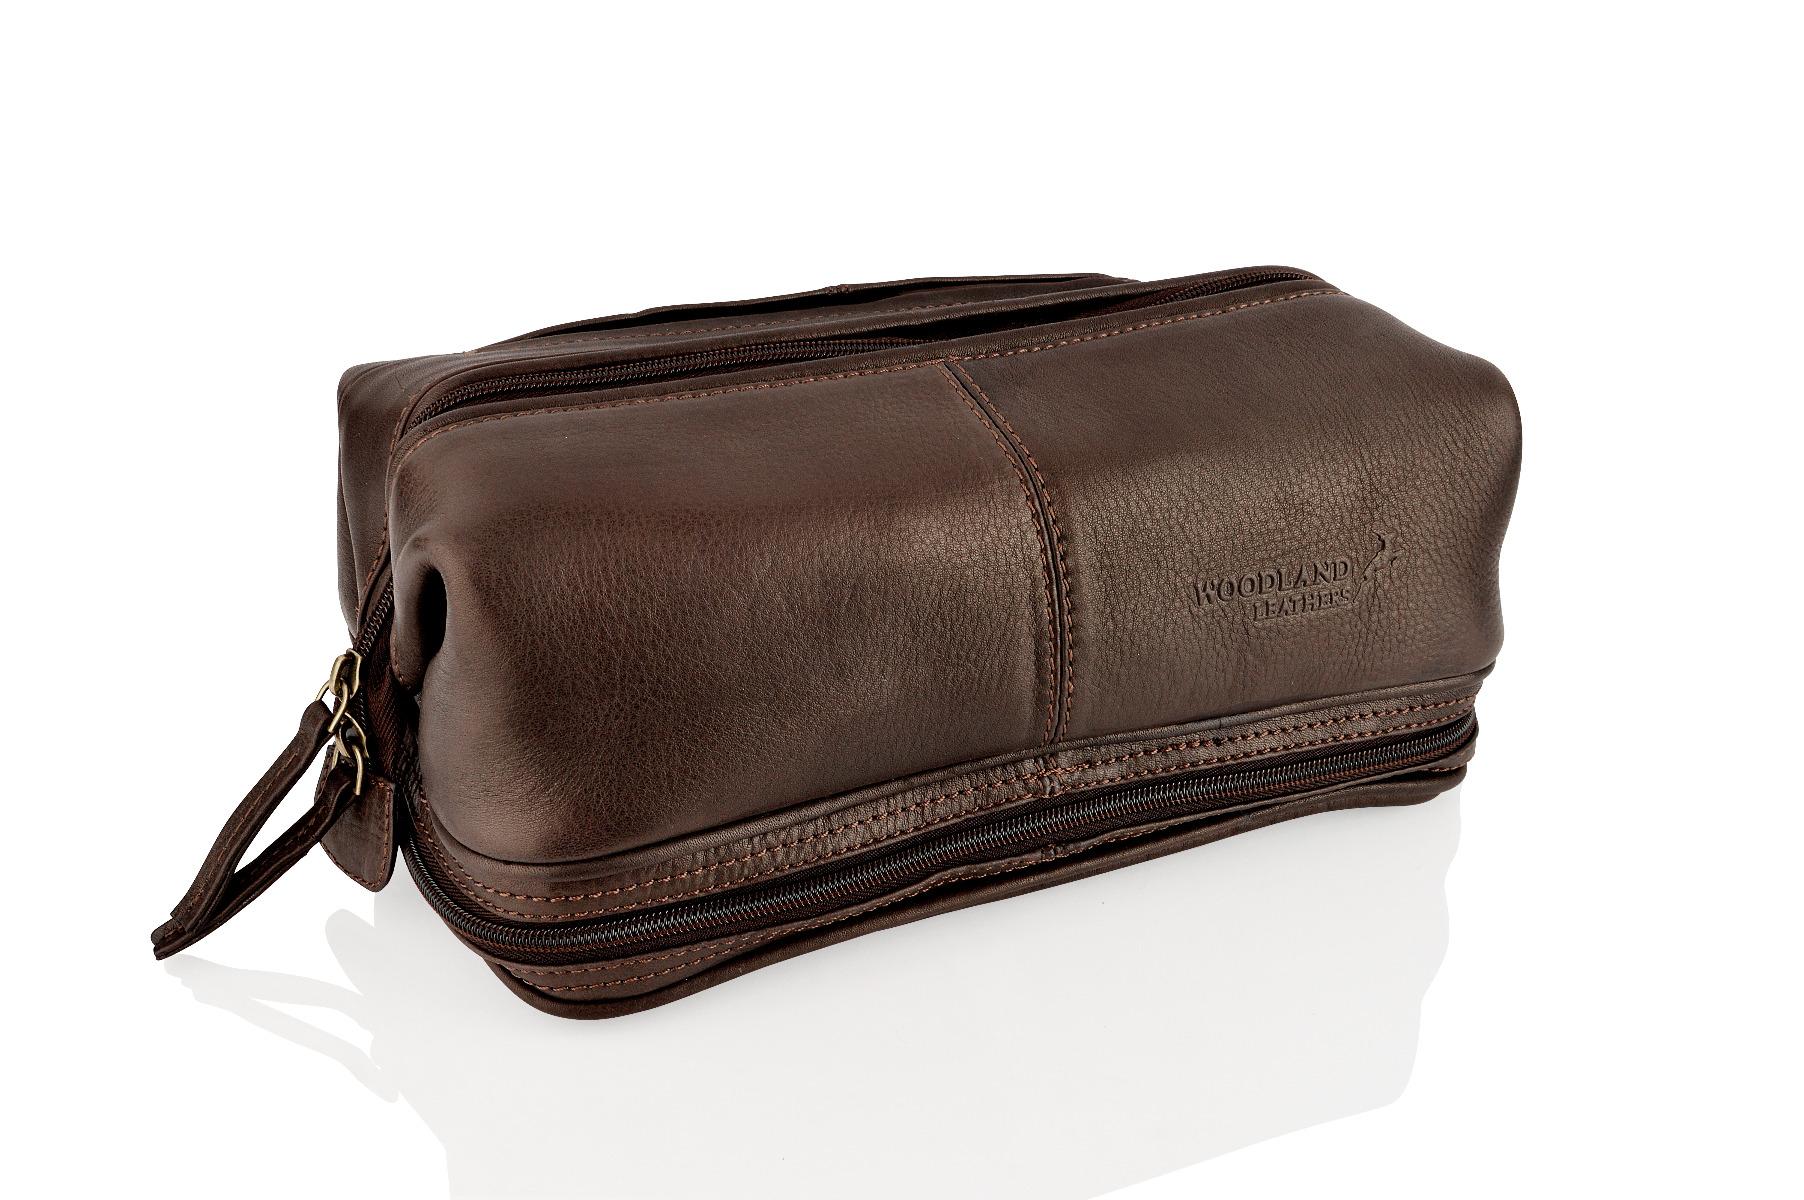 Ambassador Large Leather Wash Bag Brown